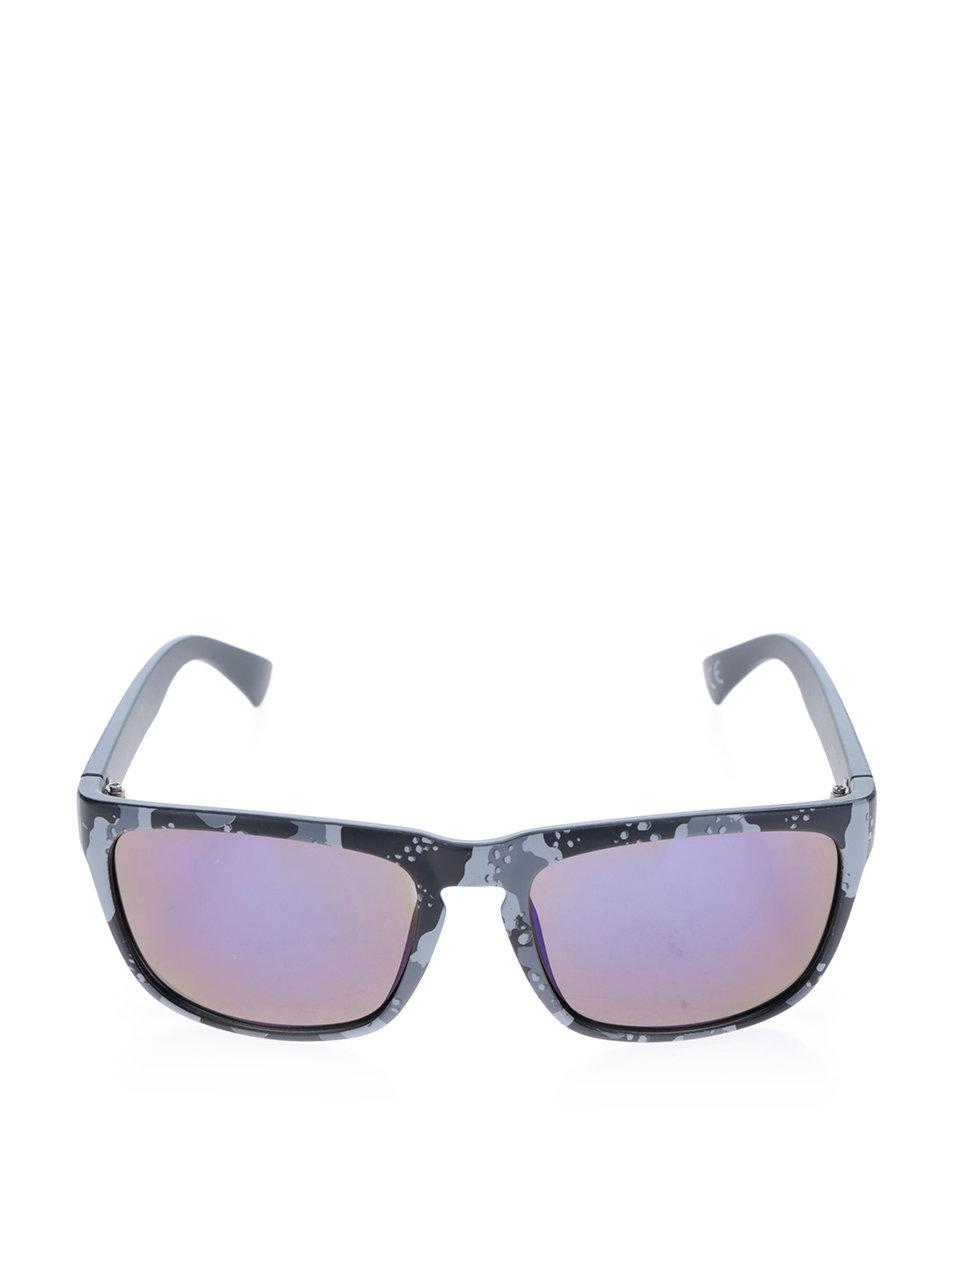 4faa198f6 Sivo-čierne pánske slnečné okuliare s maskáčovým vzorom NUGGET Shell ...